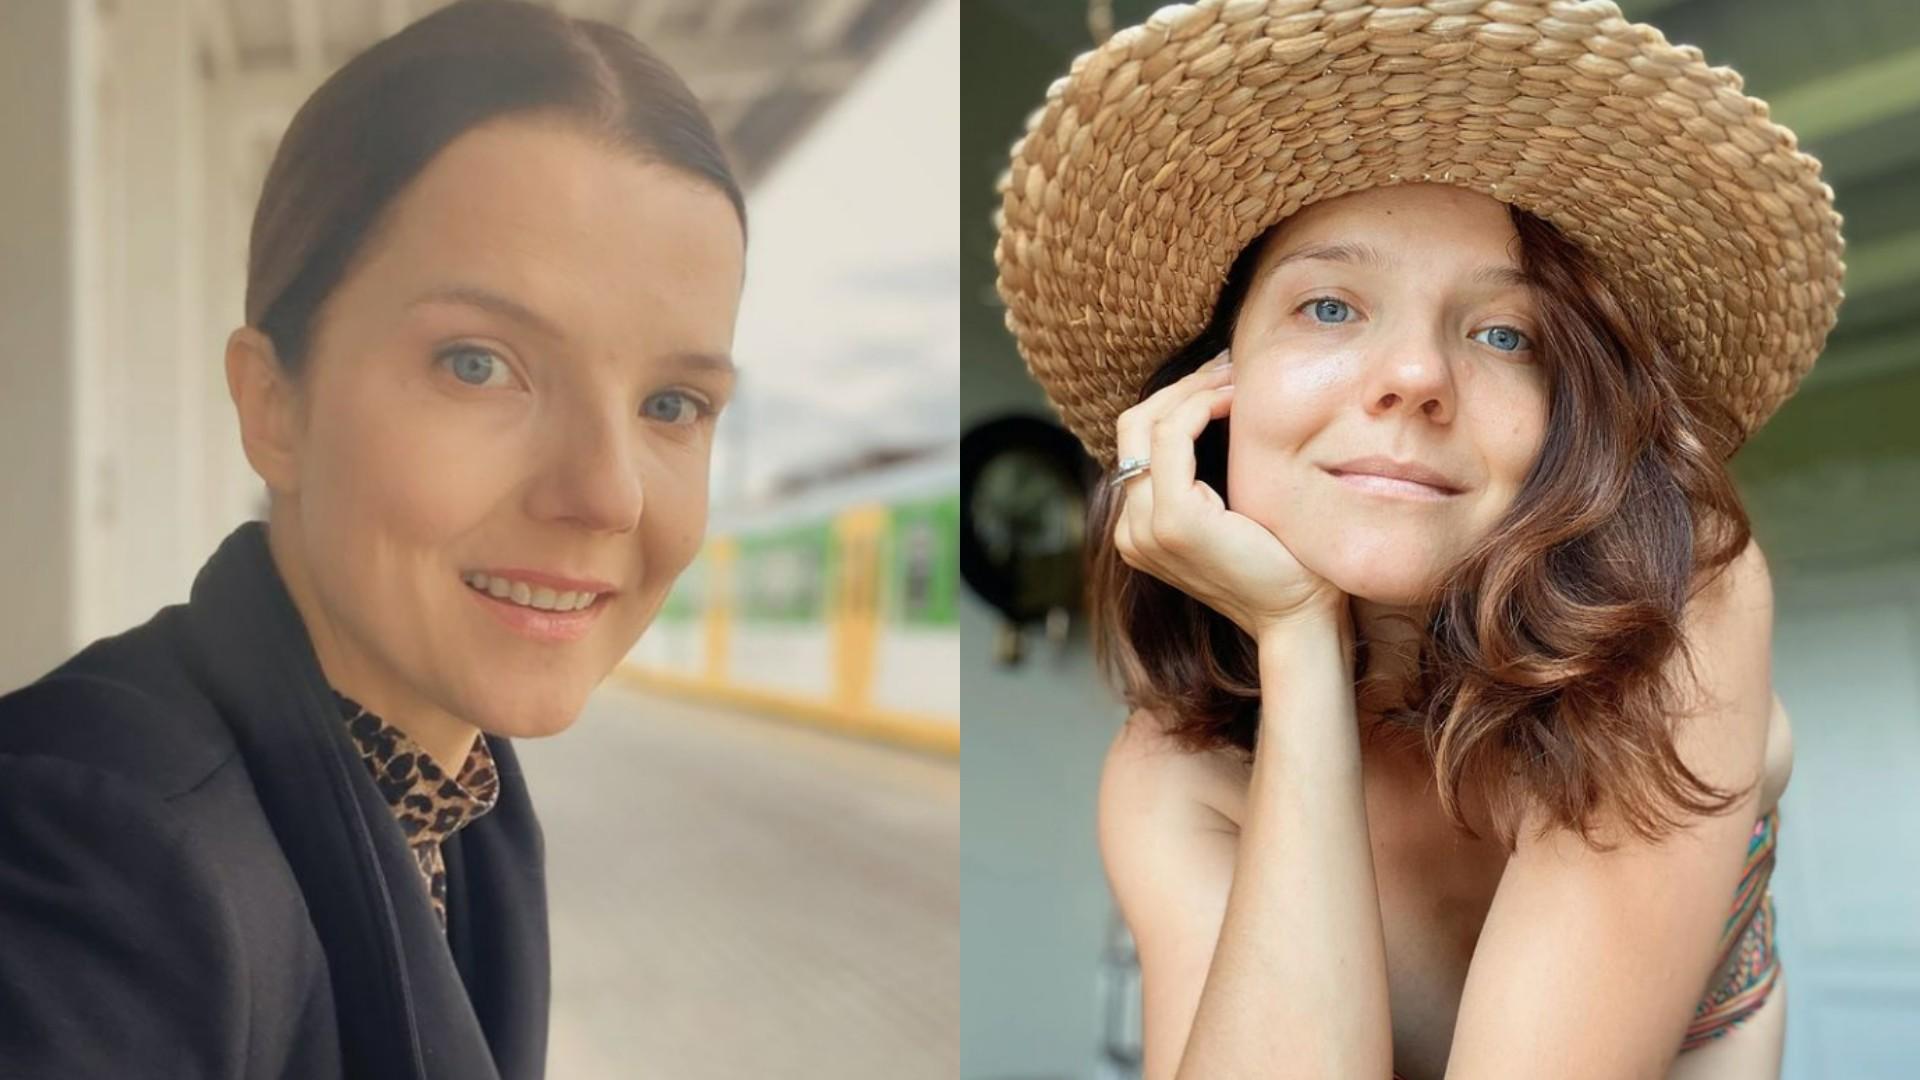 Joanna Jabłczyńska miała wypadek! Przez dłuższy czas nie będzie mogła wrócić do pracy